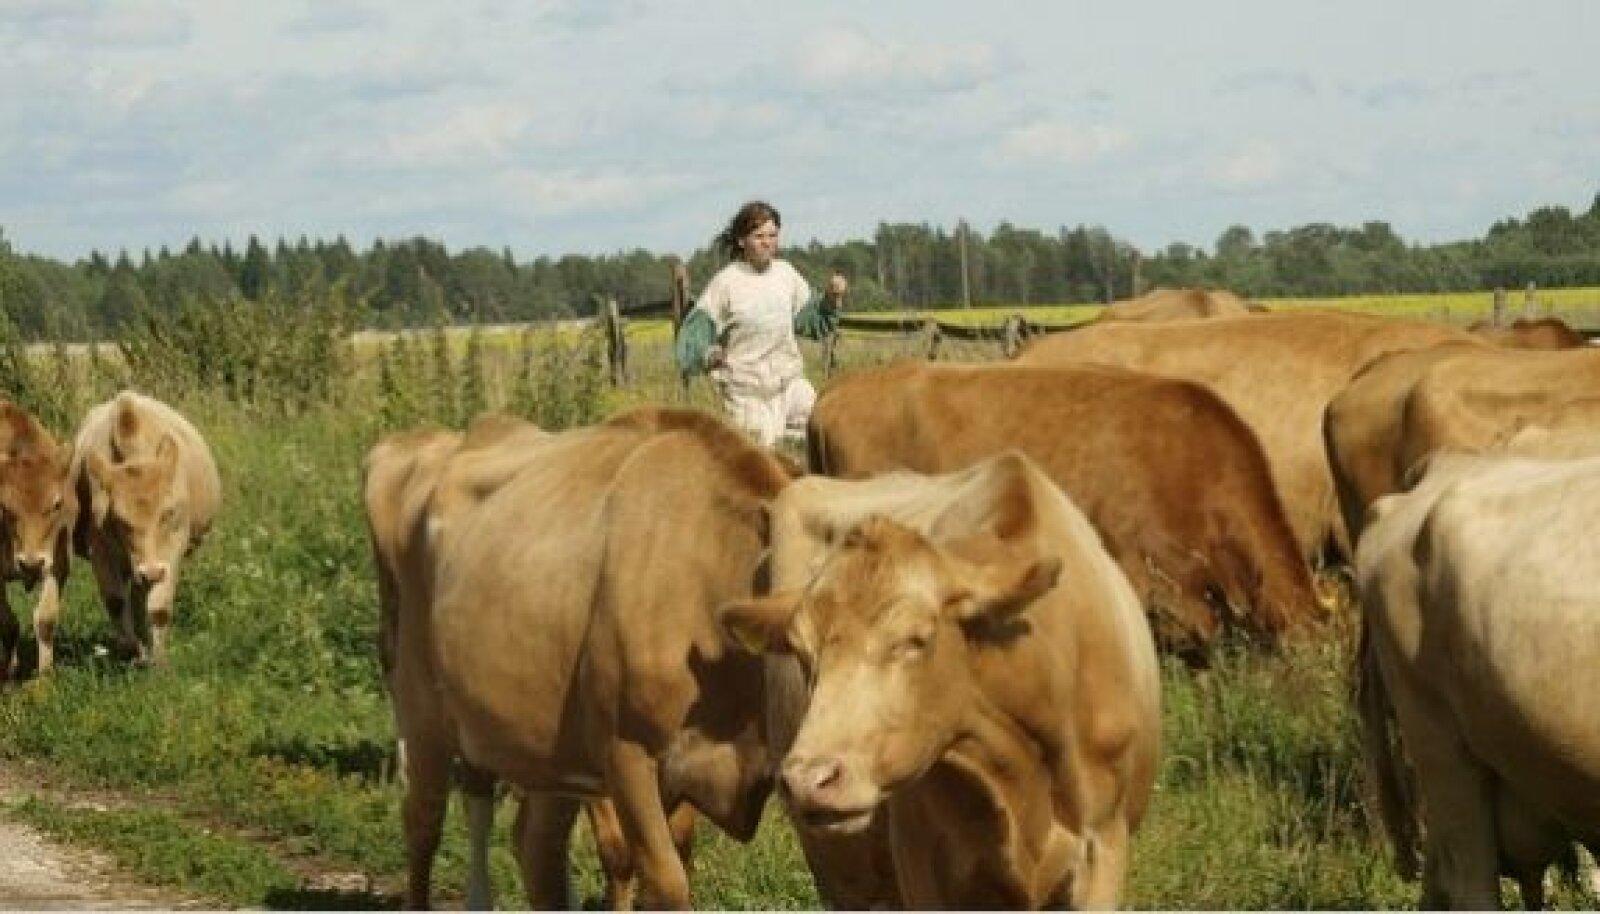 Kolm aastat Pahkla Camphillis elanud Merike – külas suheldakse omavahel         ainult eesnimedega – on asendamatu tööinimene lehmakarjas.  Kõik maakarja vissid on tema sõbrad.